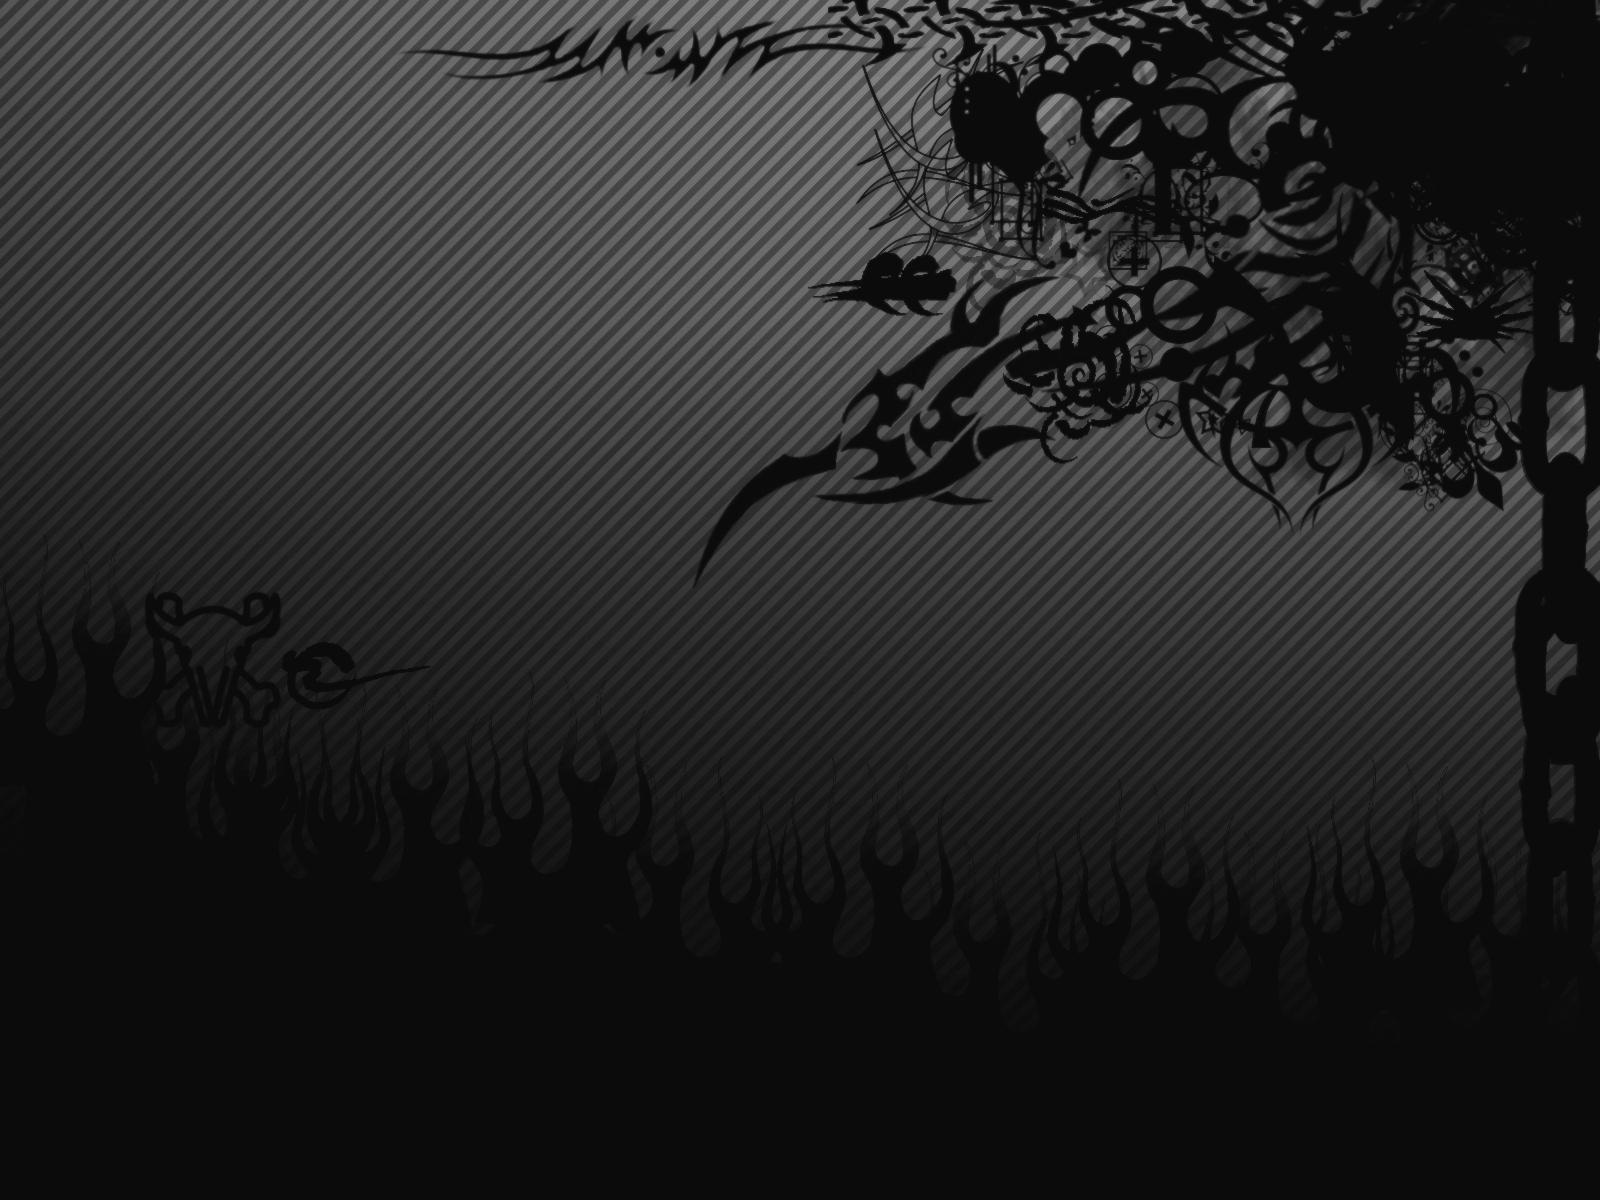 black wallpaper hot black wallpaper black wallpaper hd 3d black 1600x1200